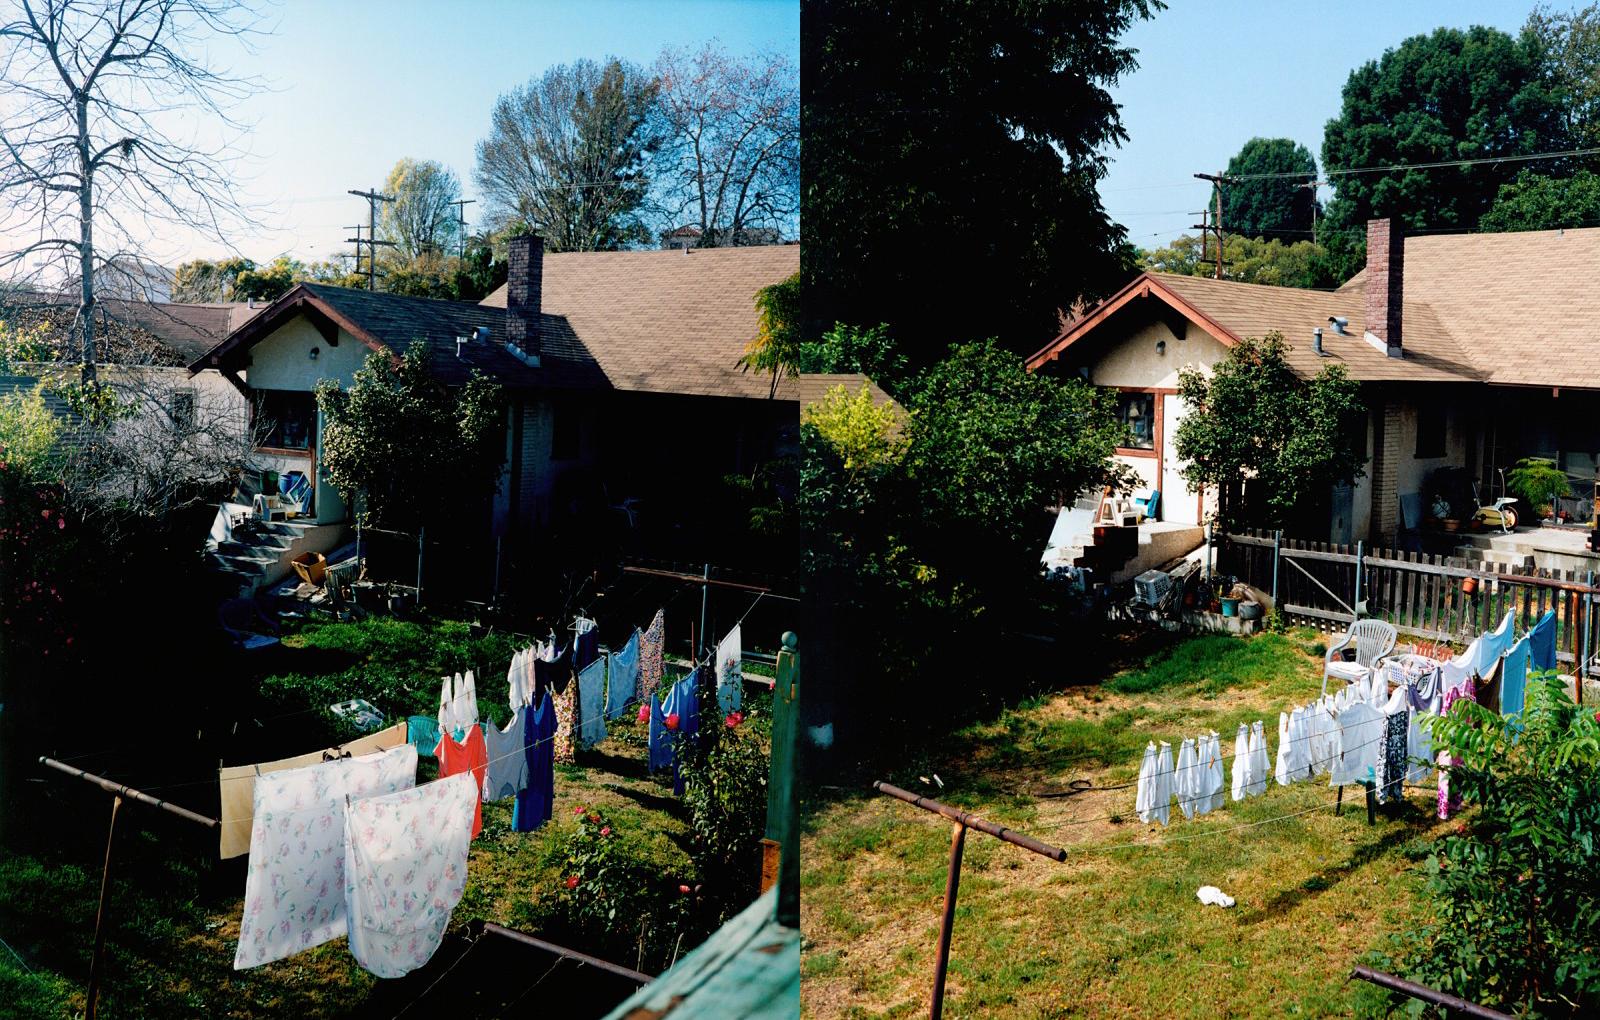 ec_backyard_36-37.jpg